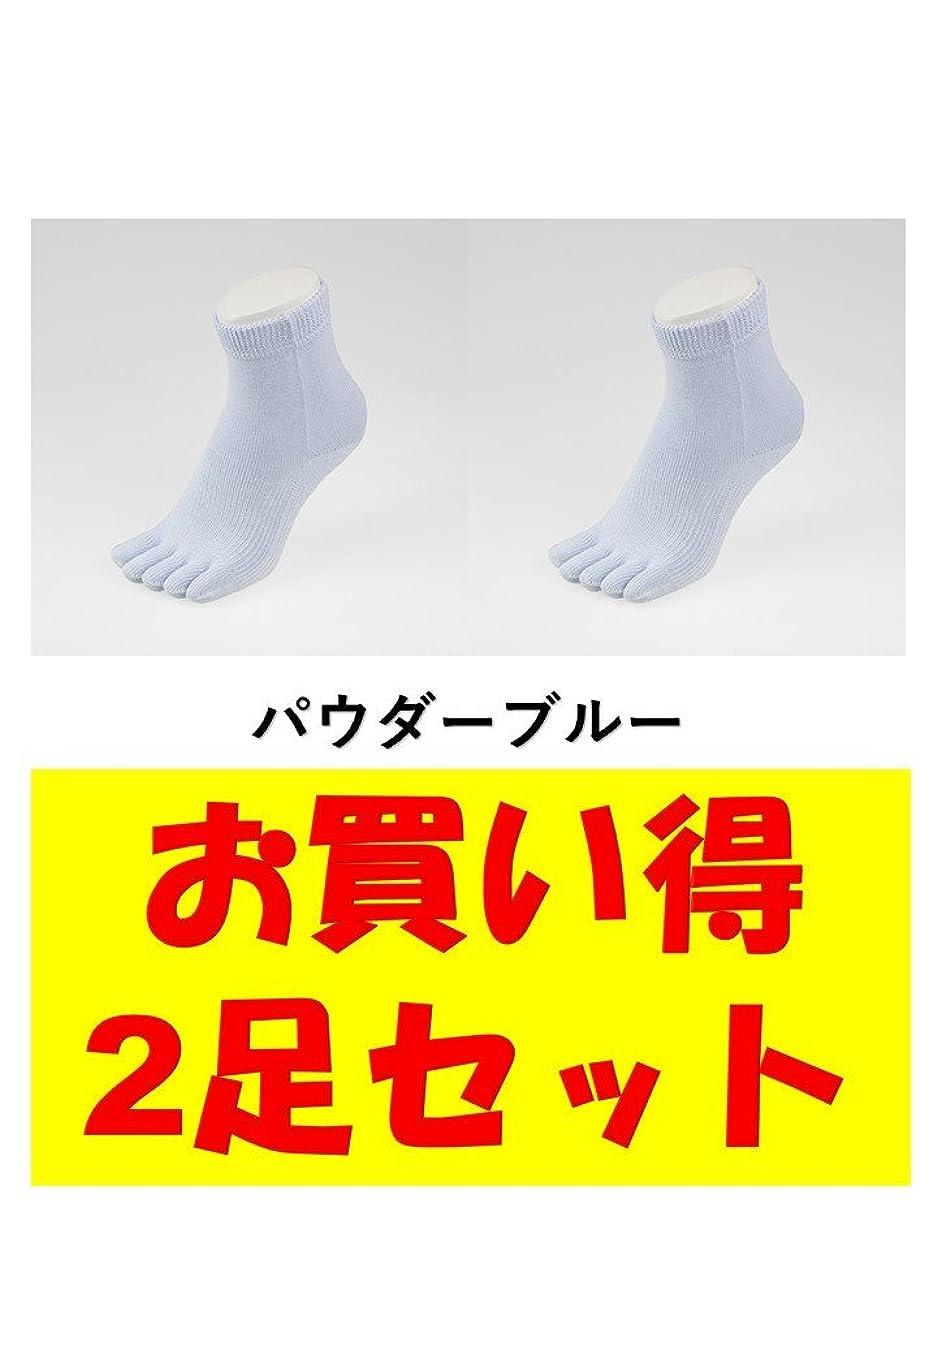 サラダ法律接辞お買い得2足セット 5本指 ゆびのばソックス Neo EVE(イヴ) パウダーブルー iサイズ(23.5cm - 25.5cm) YSNEVE-PBL